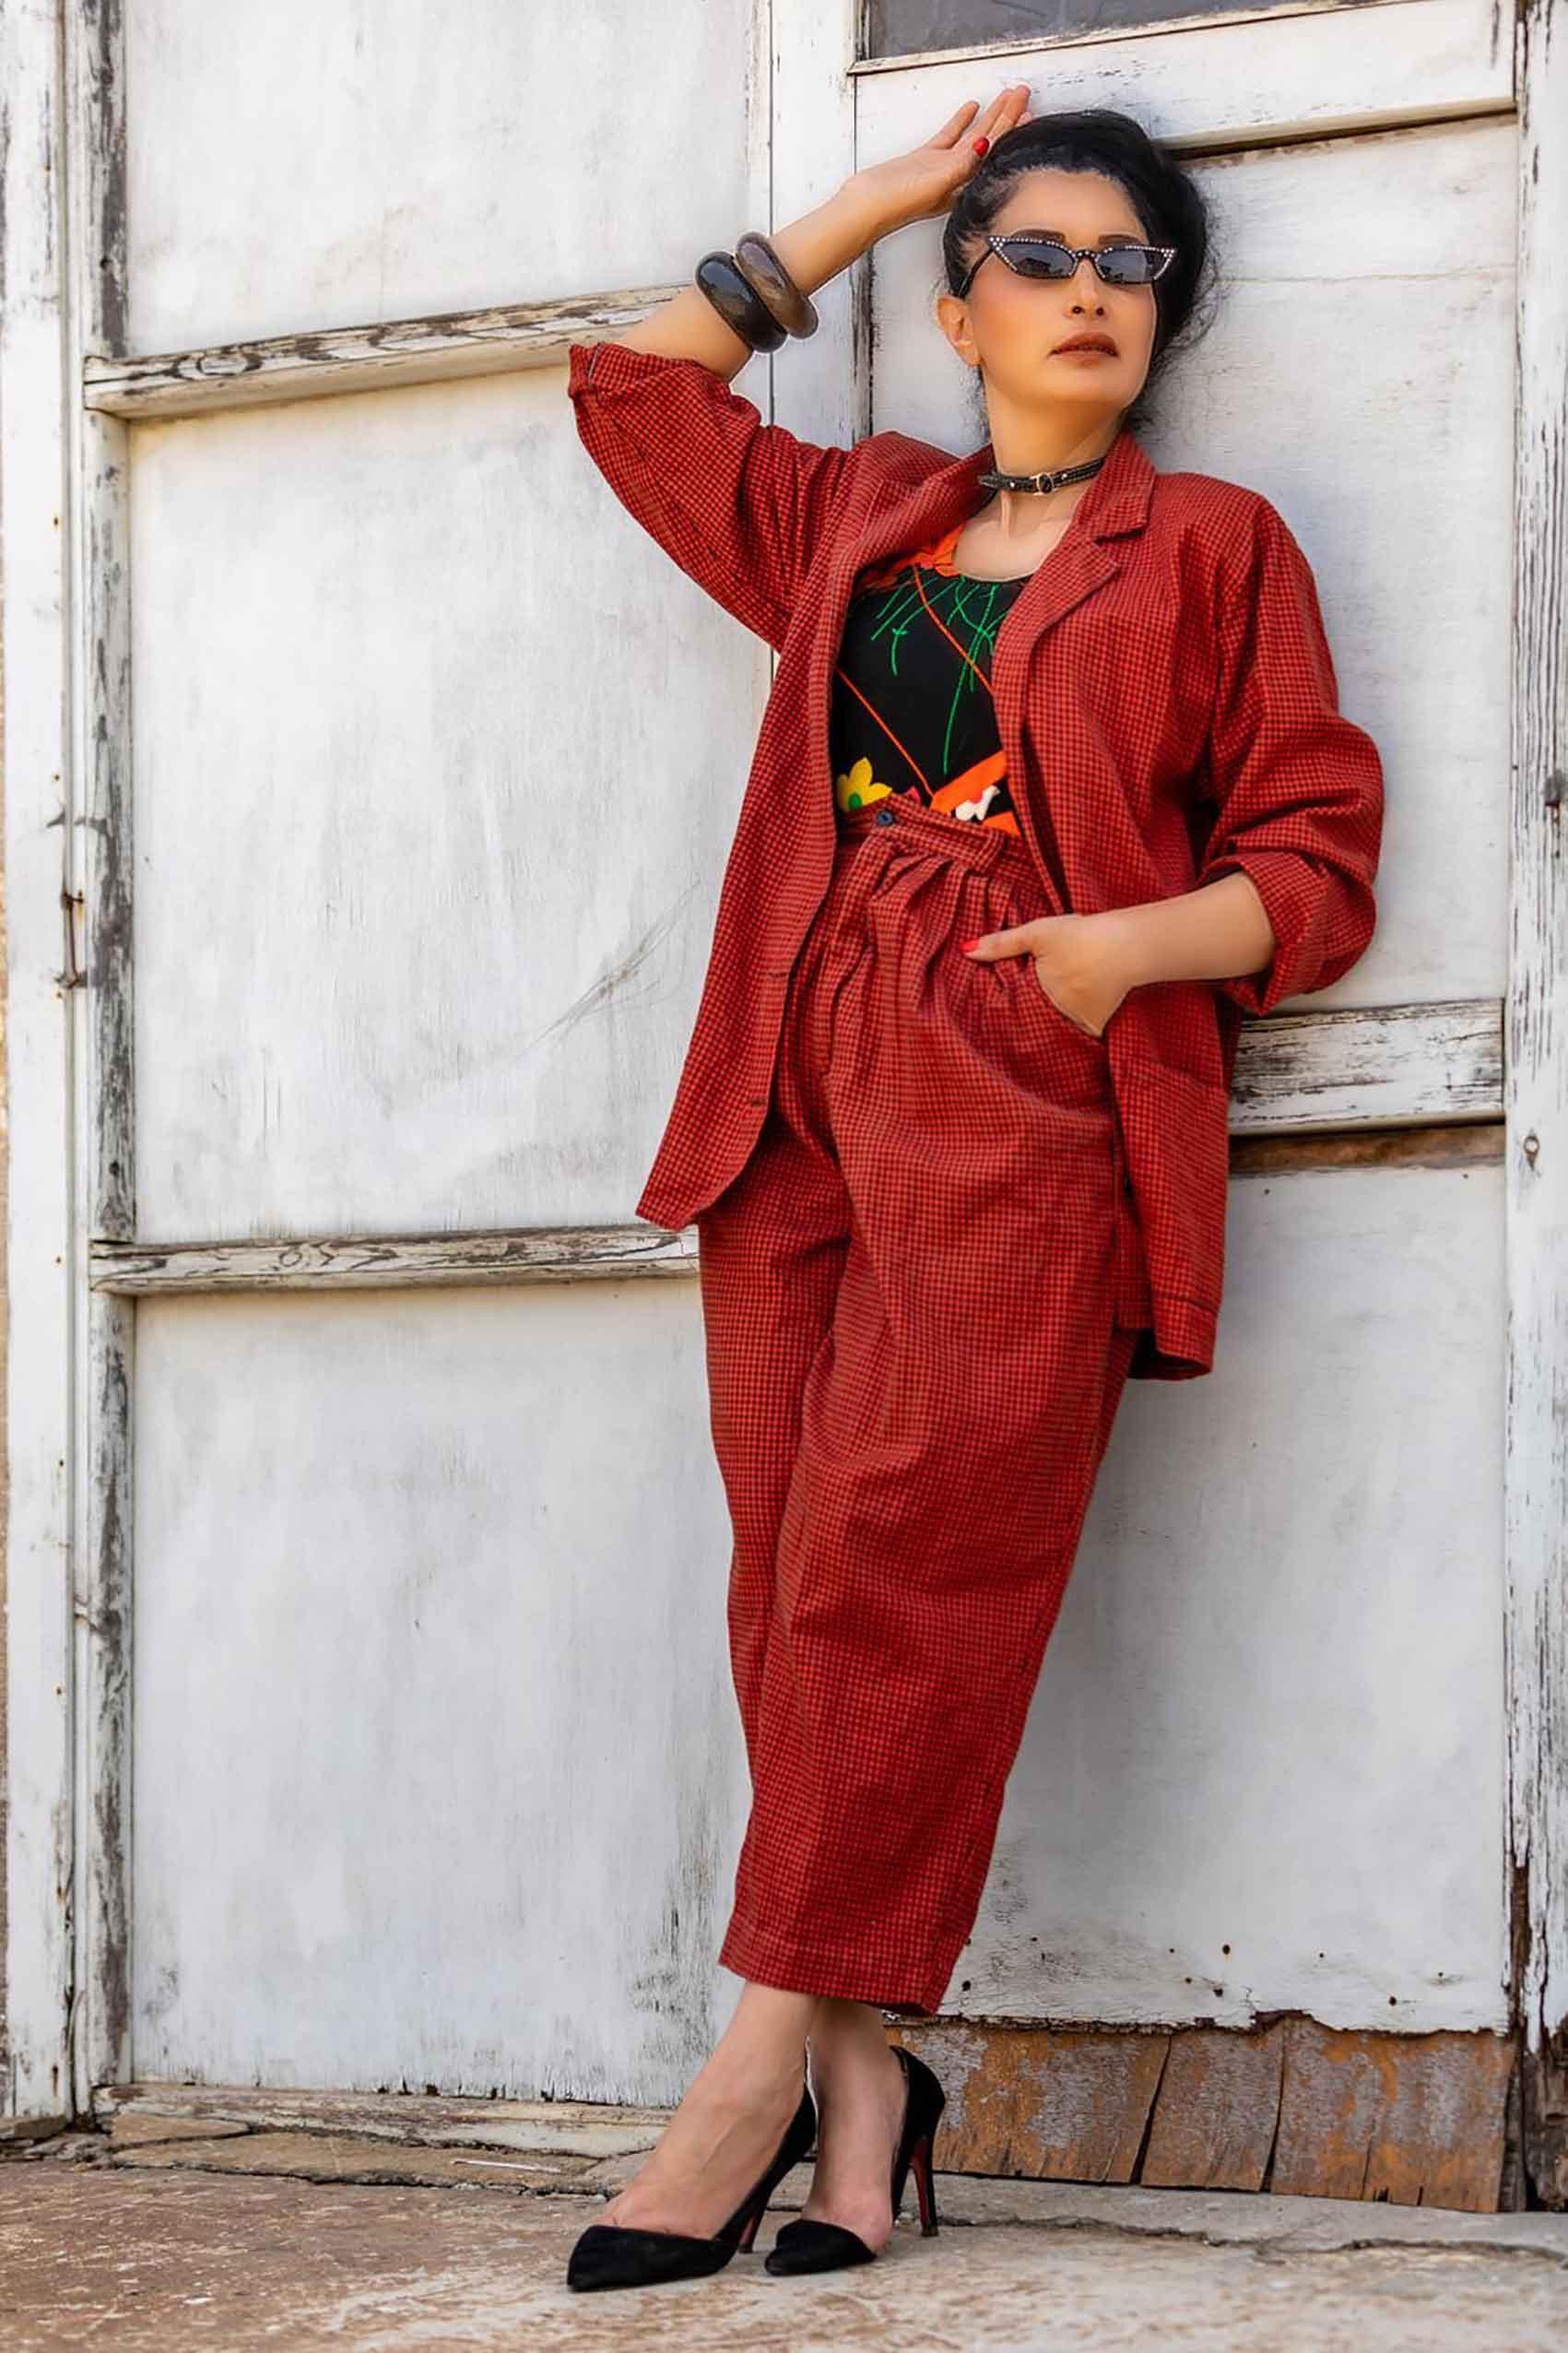 אופנה-מגזין-אופנה-לובשת-וינטג-מאיה-אושרי-צילום-מיקי-בן-עטר -825